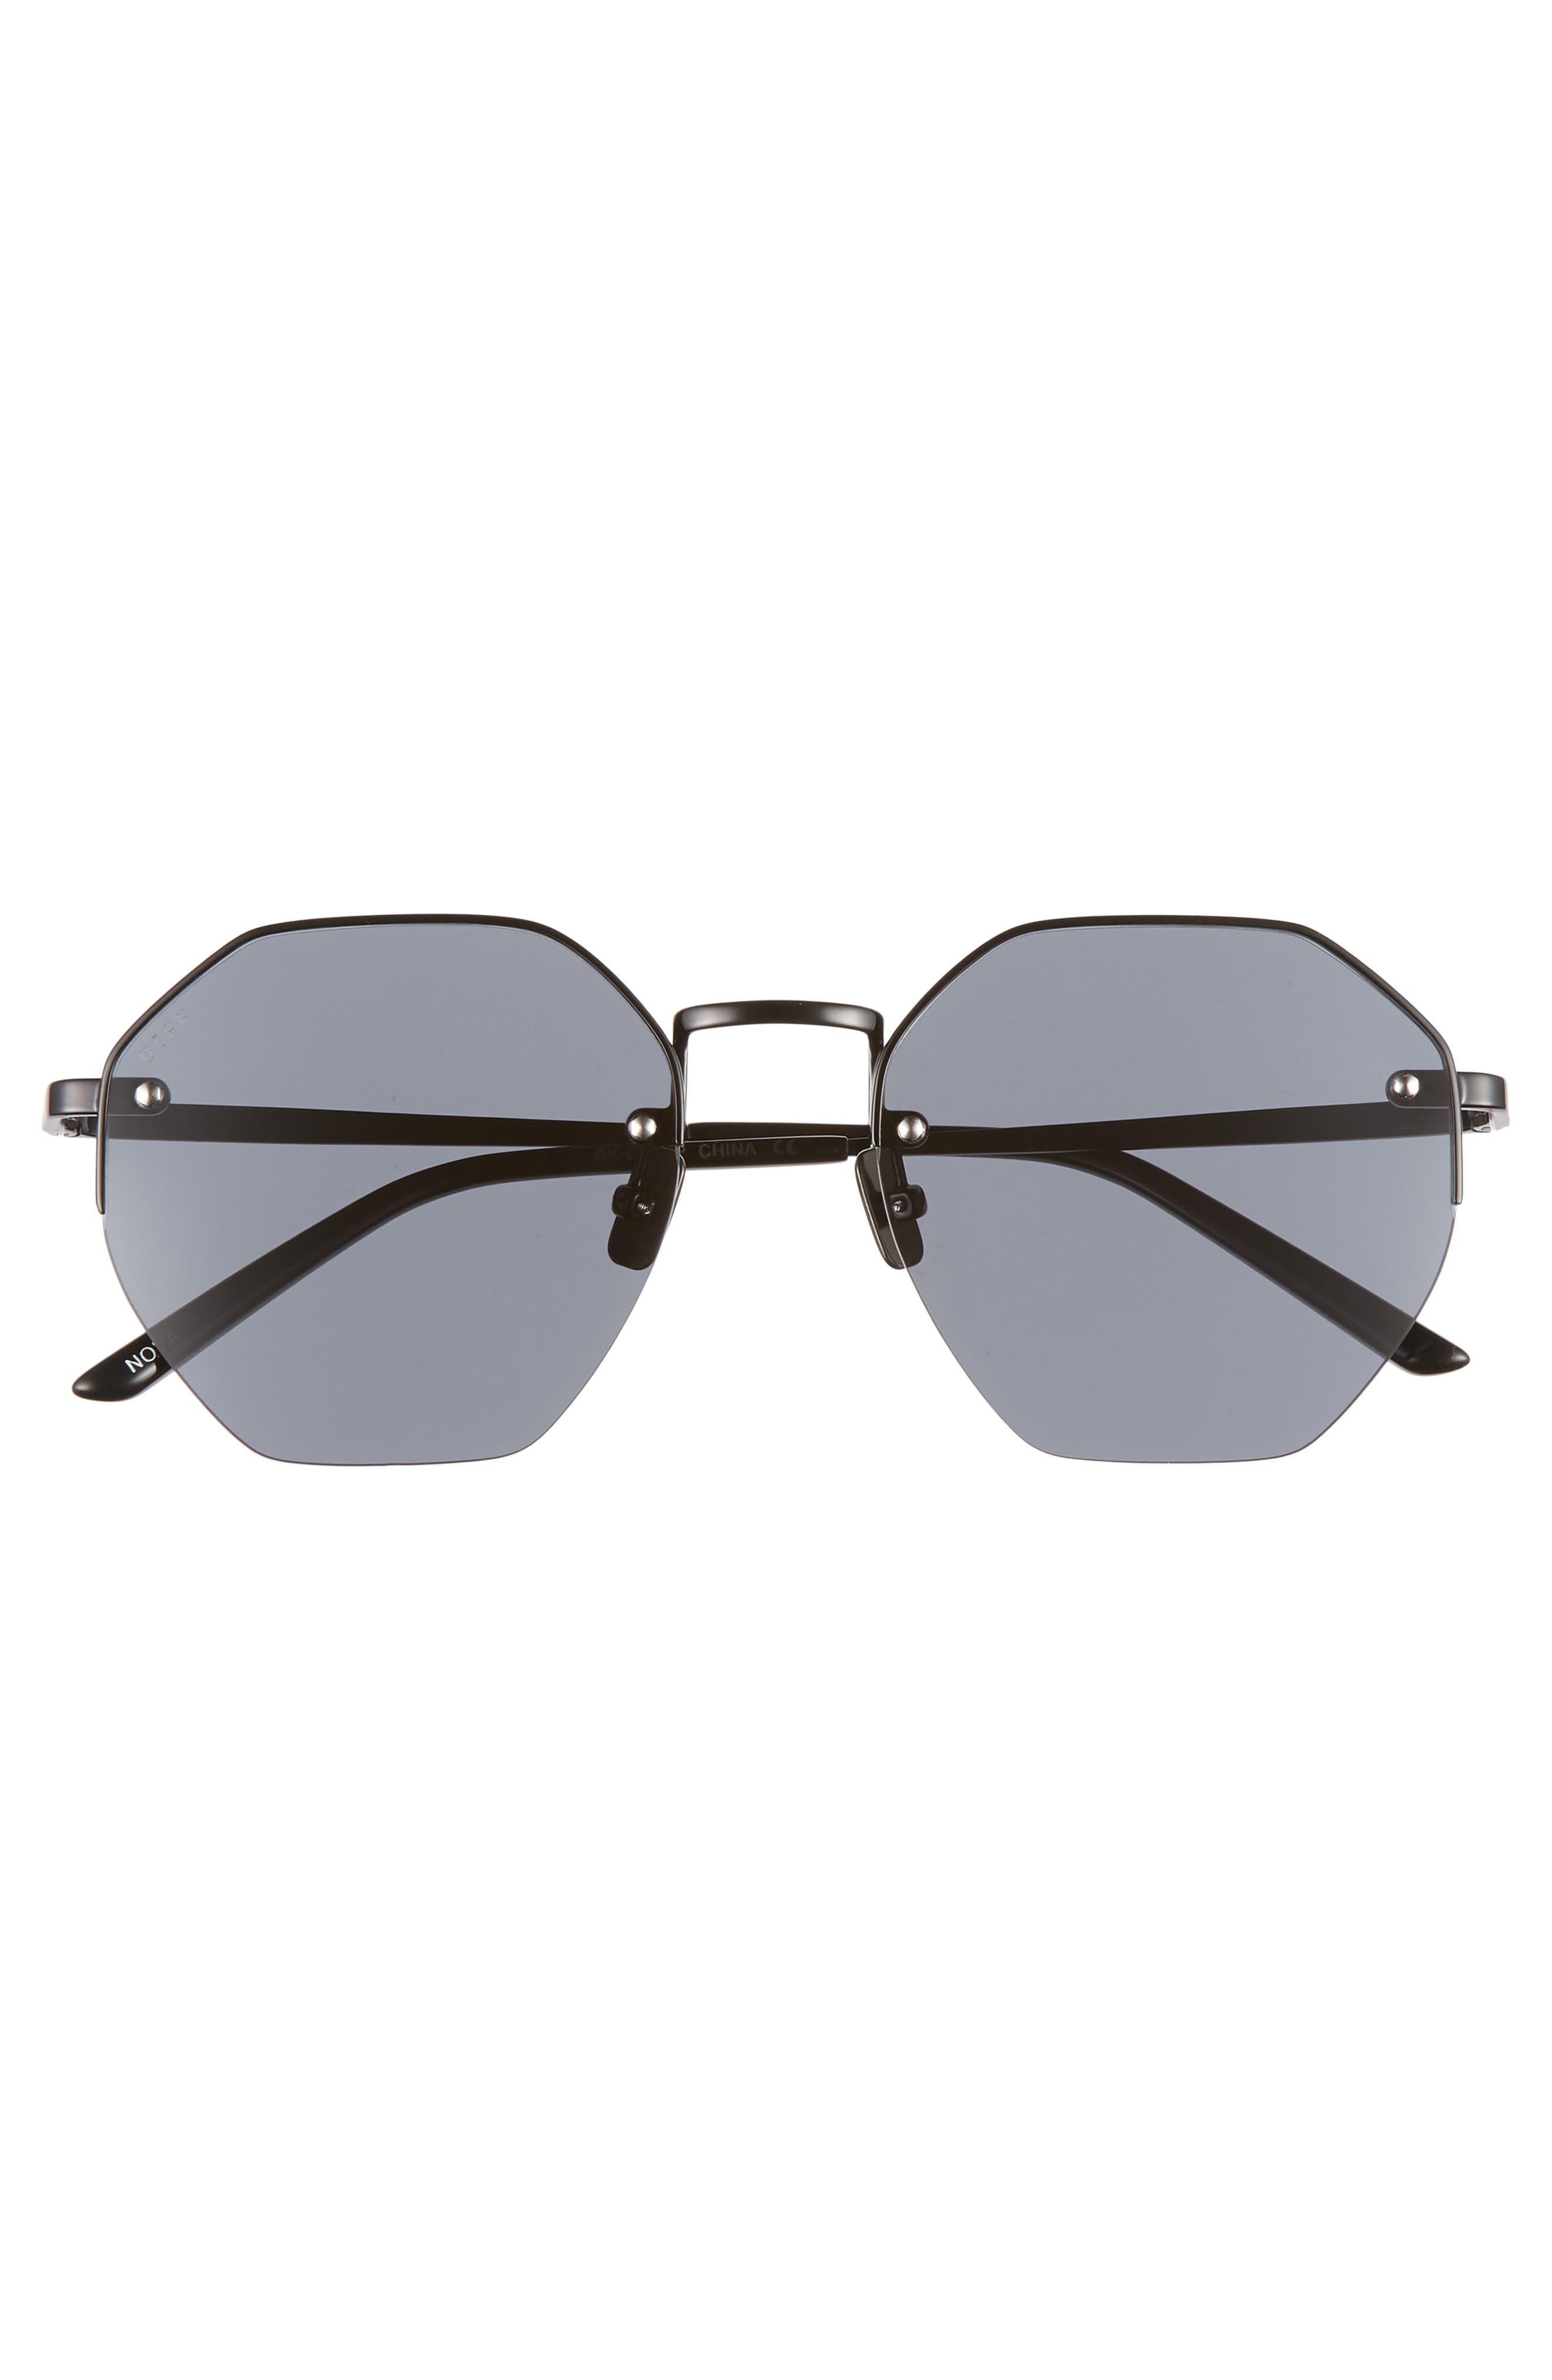 Nova 50mm Polarized Semi Rimless Geo Sunglasses,                             Alternate thumbnail 3, color,                             BLACK/ SMOKE